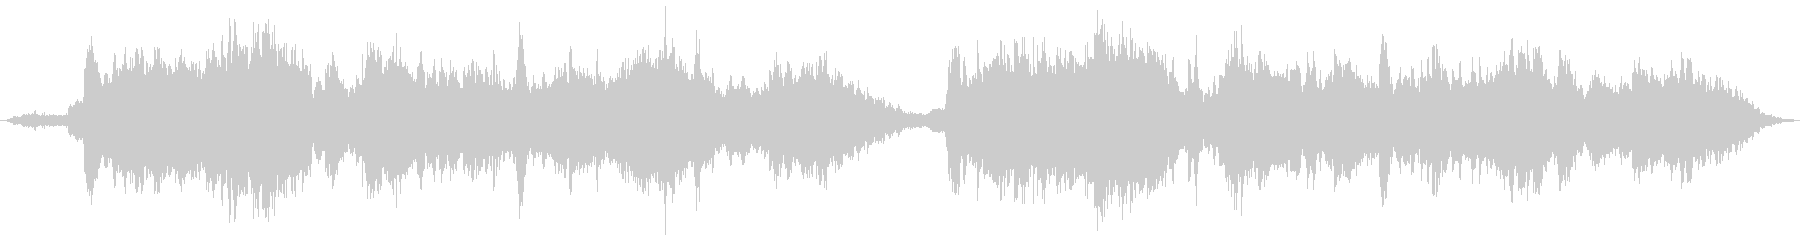 幻想的な即興インスト曲の未再生の波形